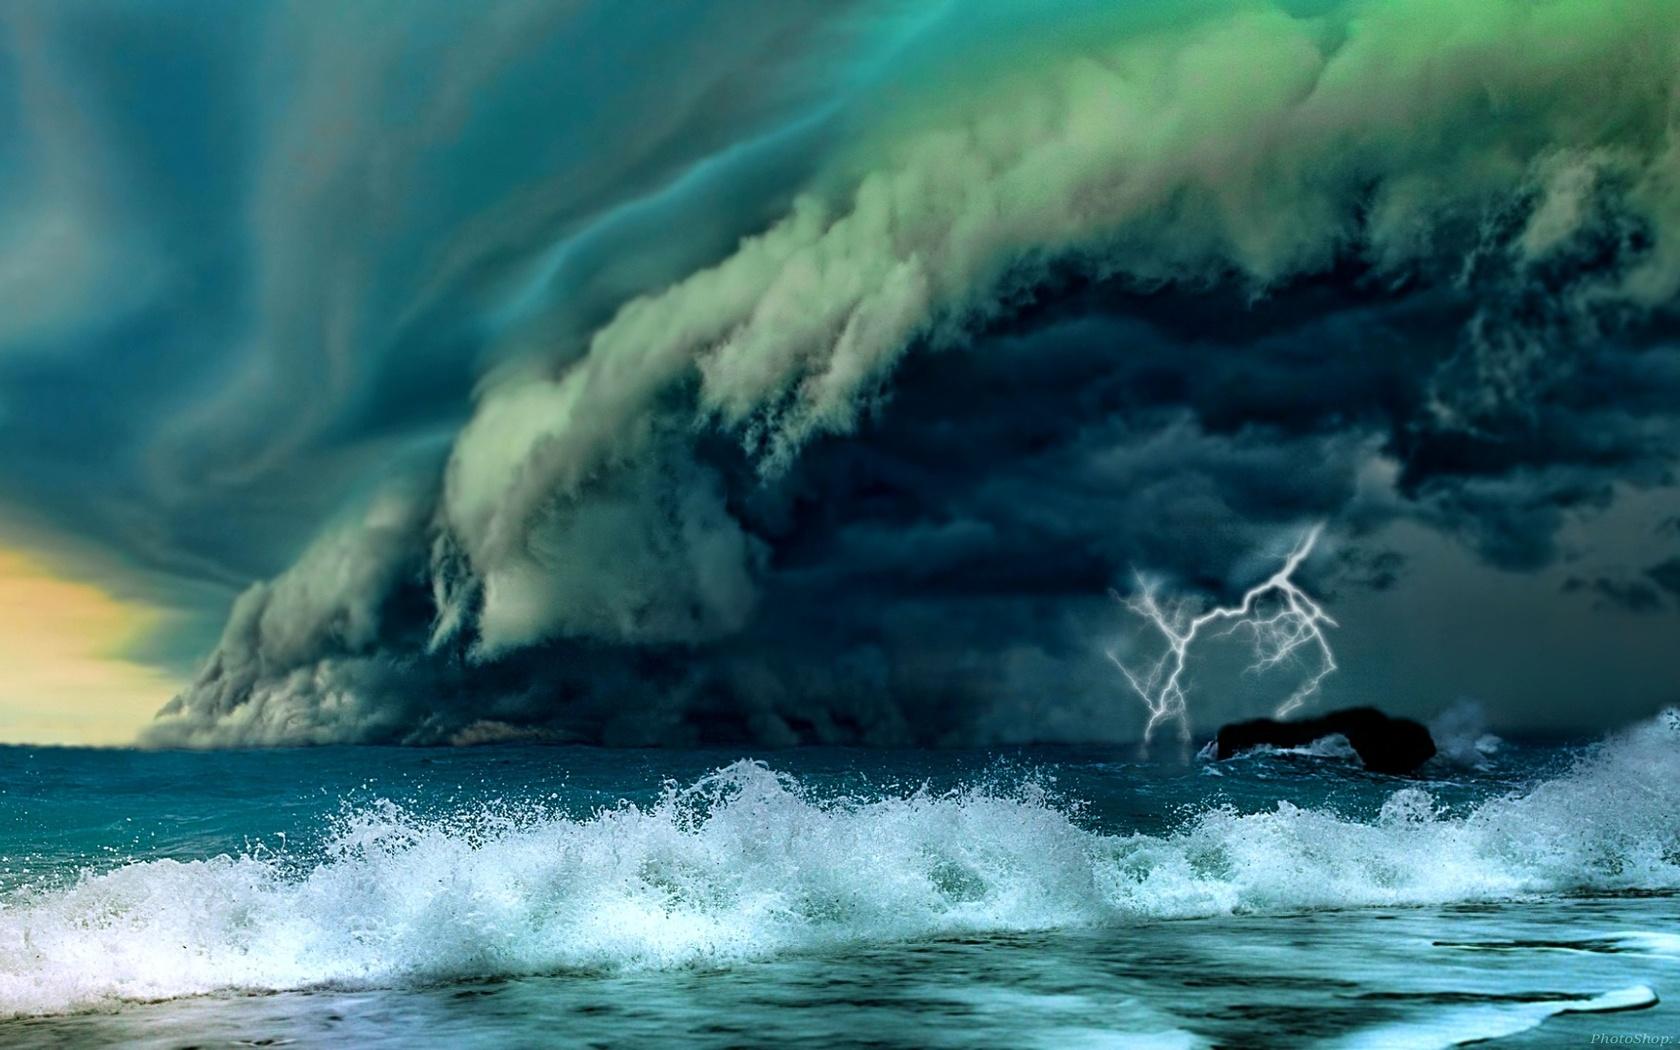 знать, шторм на море картинки для мобильного телефона миф том